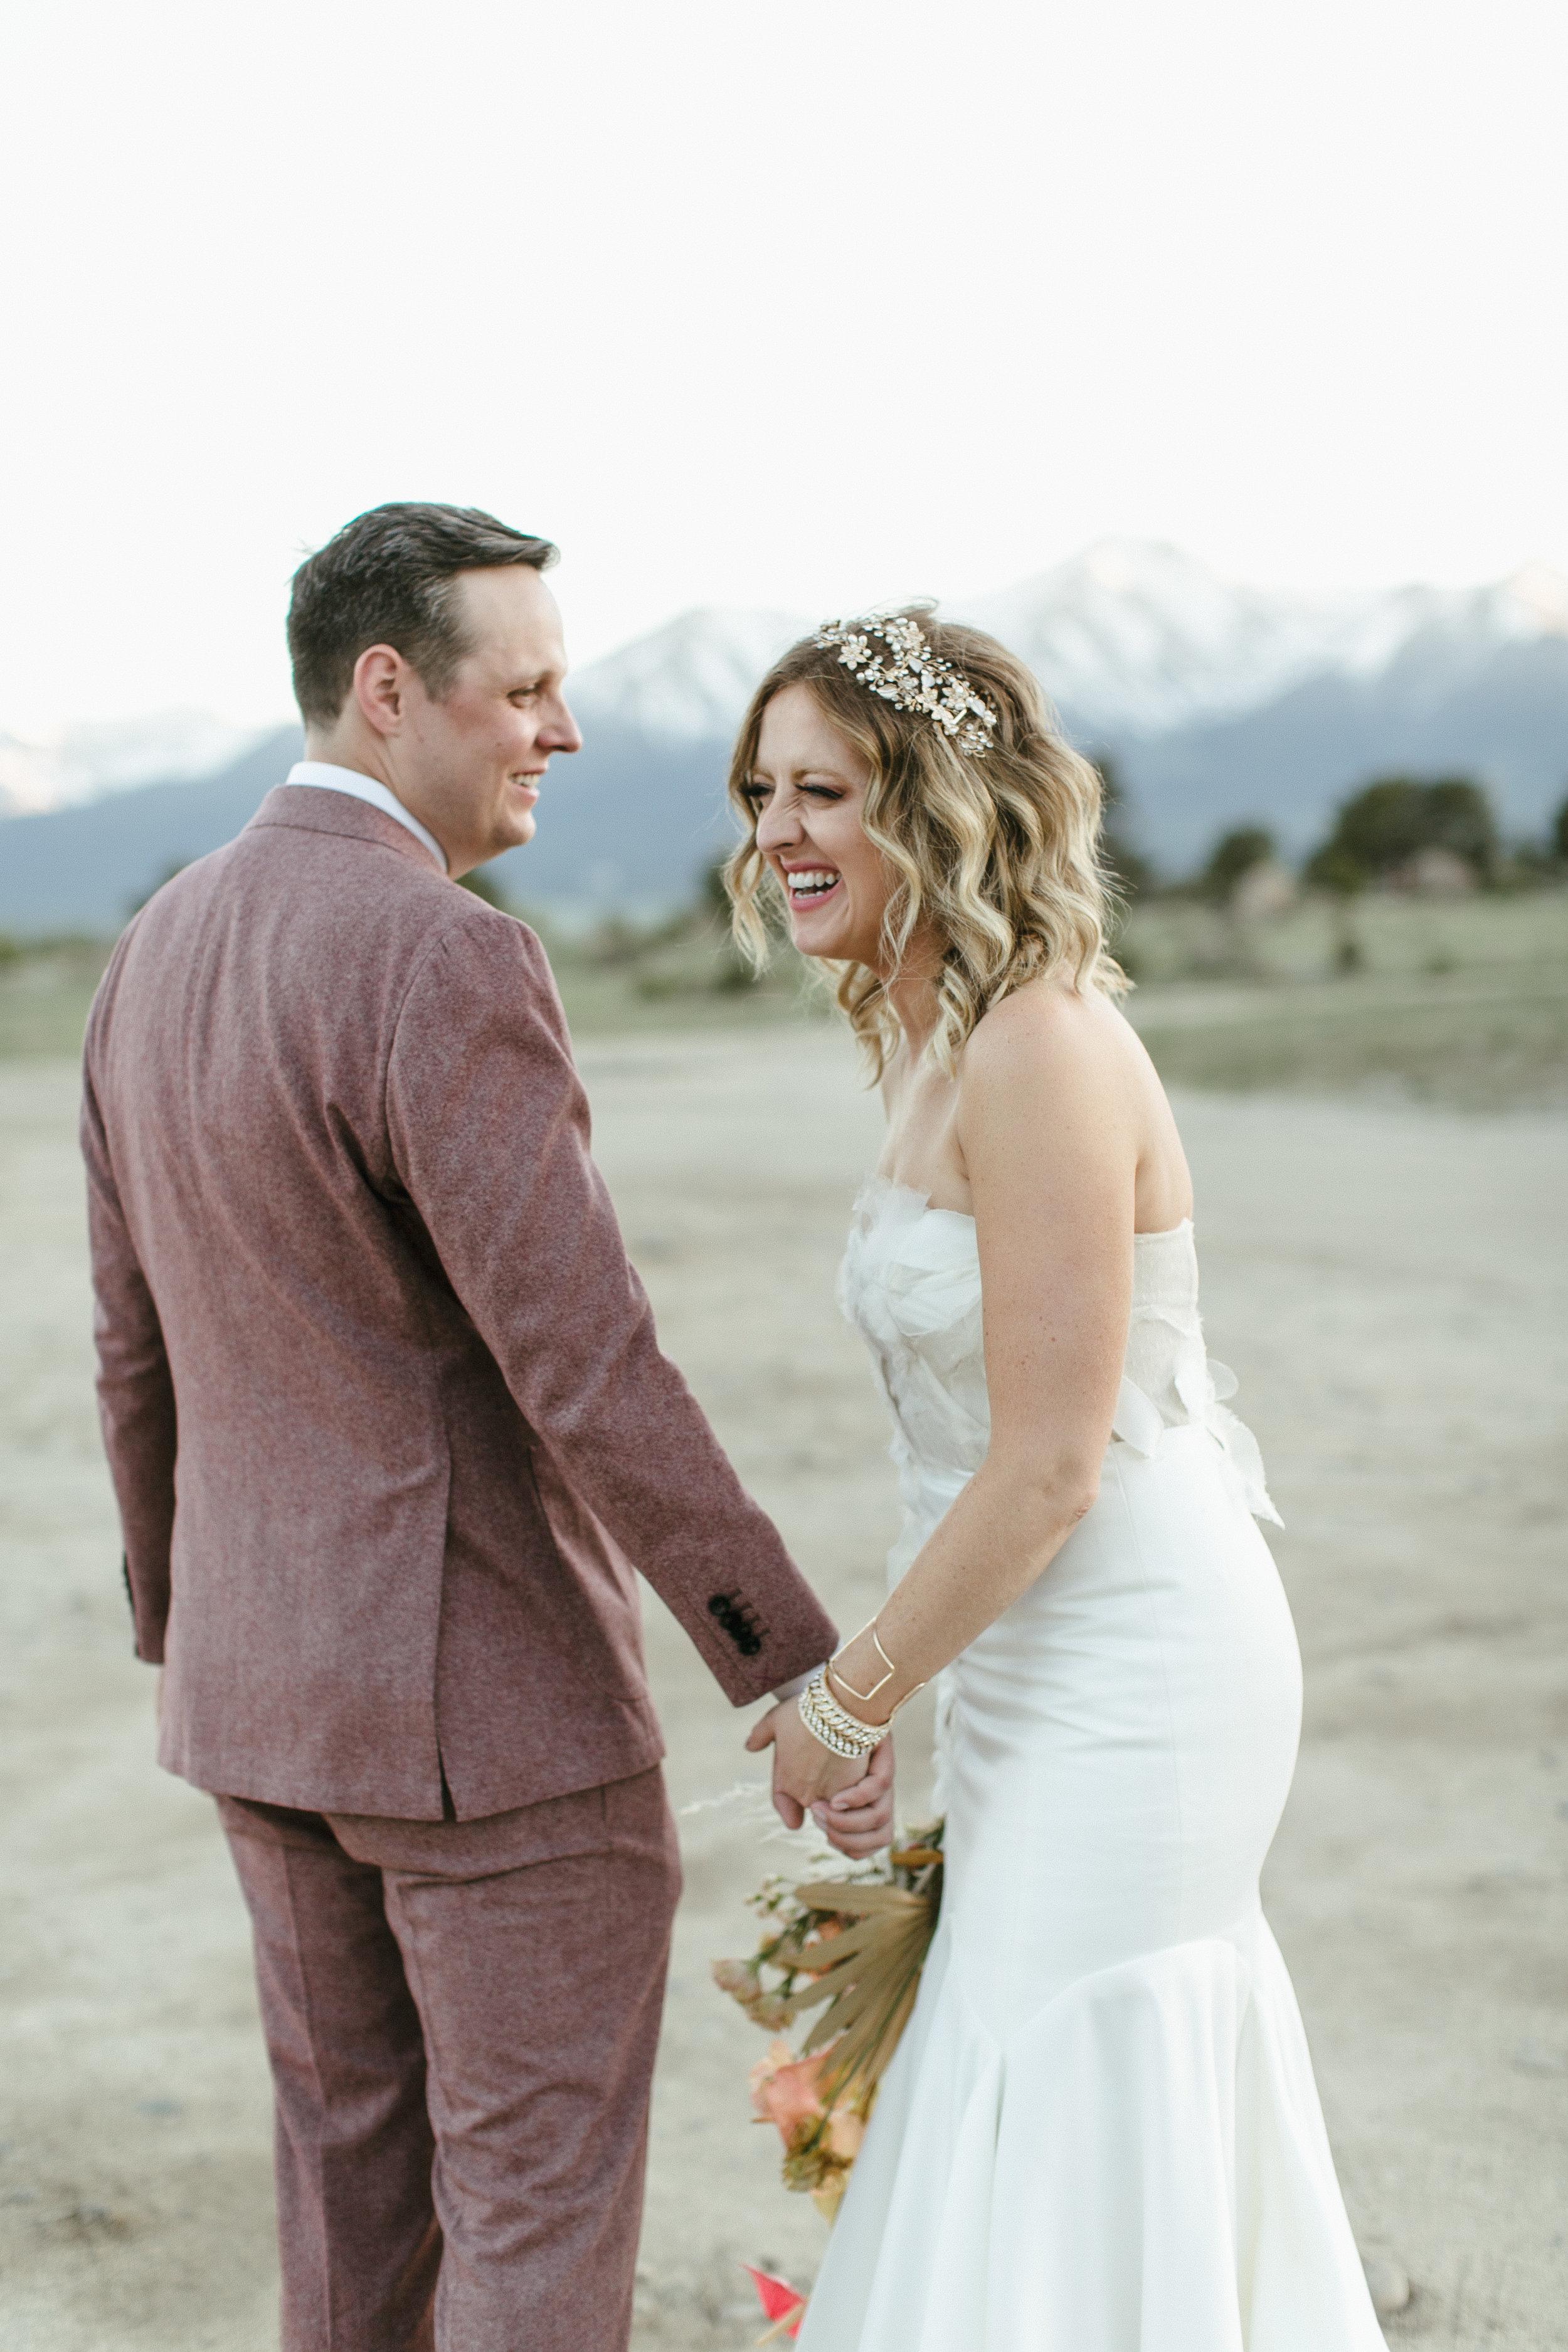 Trendy Mountain Wedding in Buena Vista, Colorado